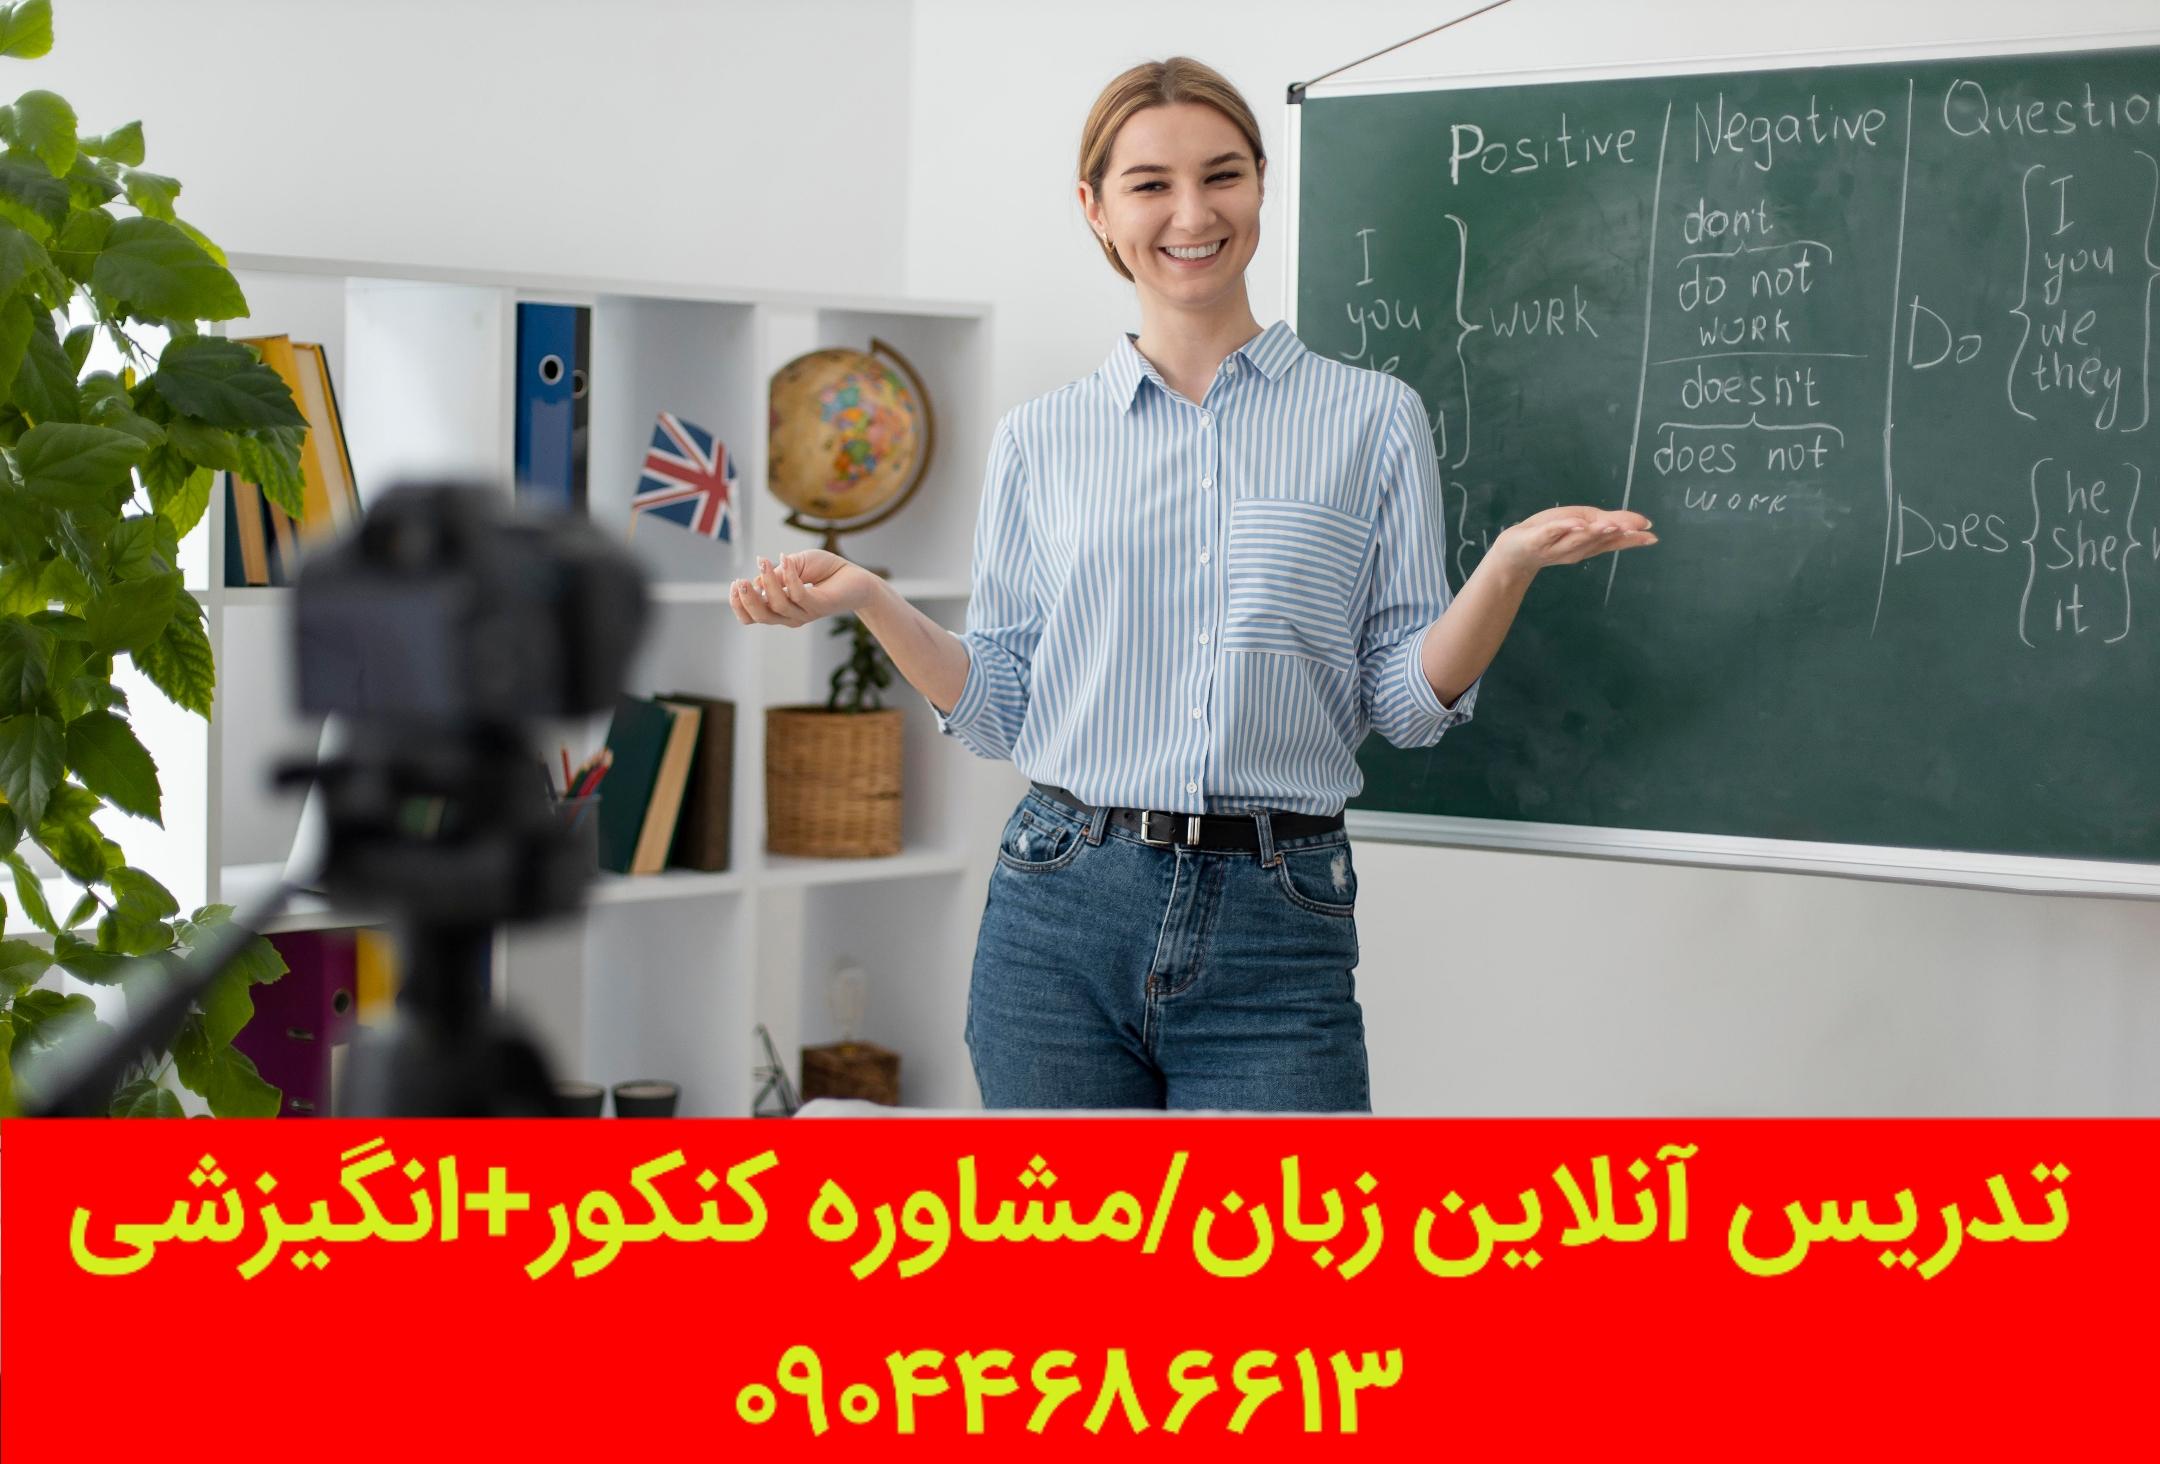 شرکت در کلاس استاد خوب_vahidimeni.ir